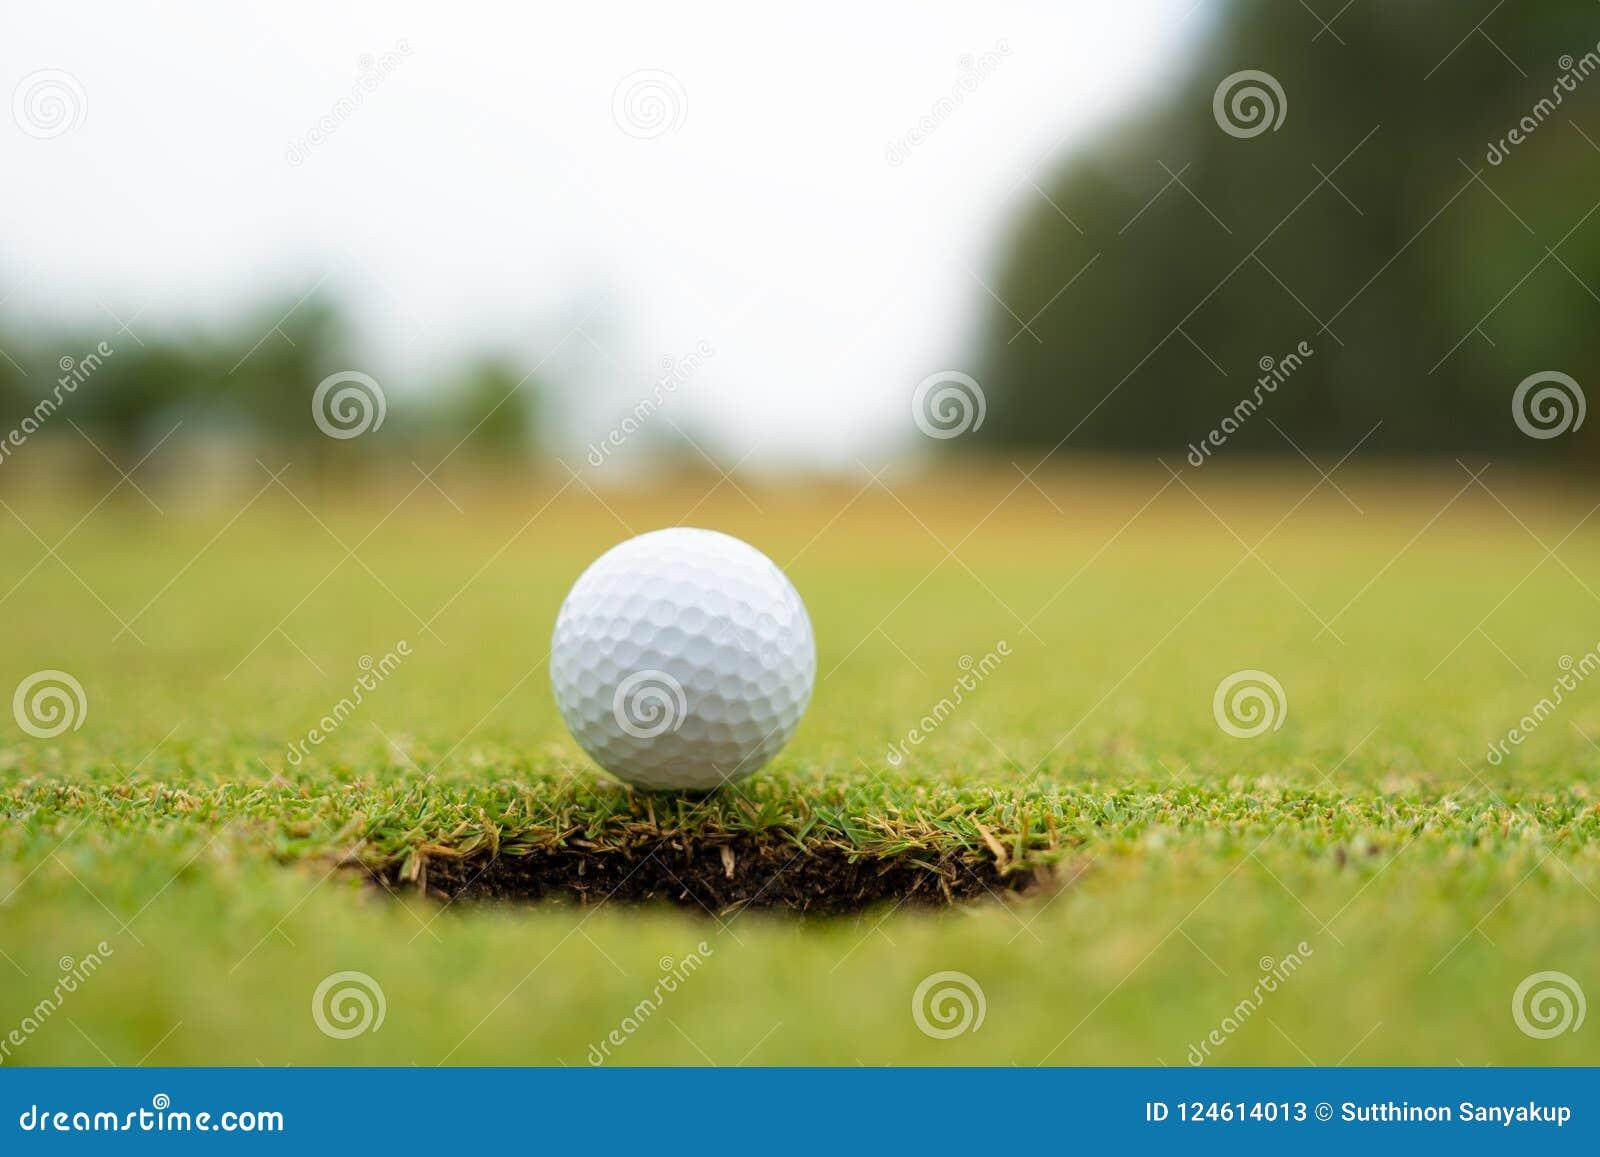 Шар для игры в гольф на губе конца чашки вверх, шар для игры в гольф на лужайке